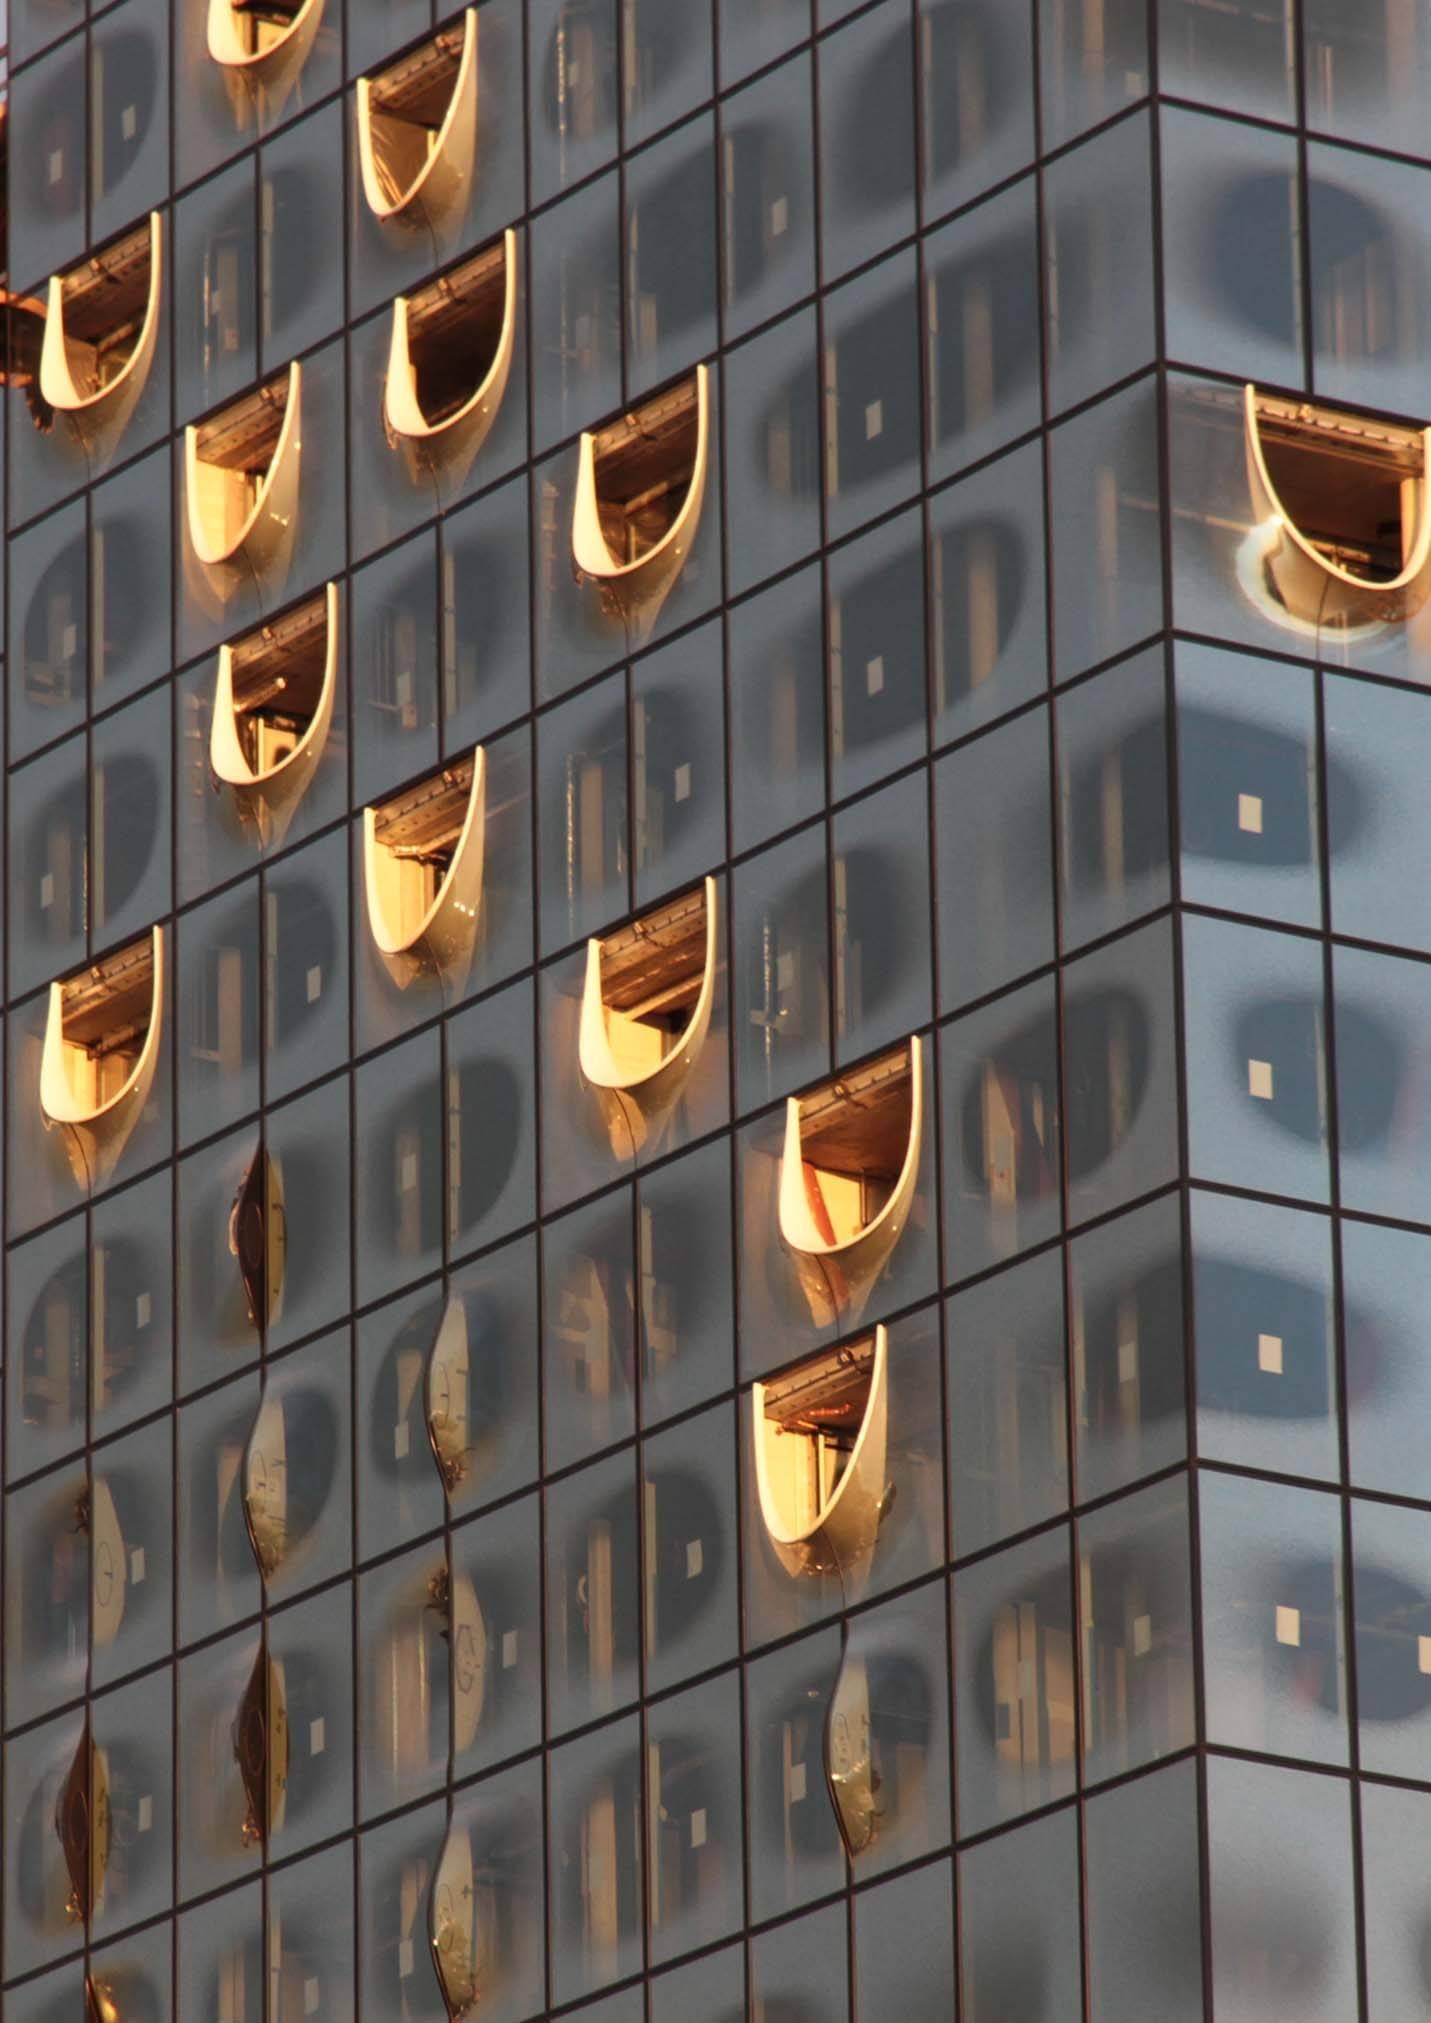 Эльбская филармония в гамбурге — фото, билеты, официальный сайт, афиша 2021, адрес | туристер.ру